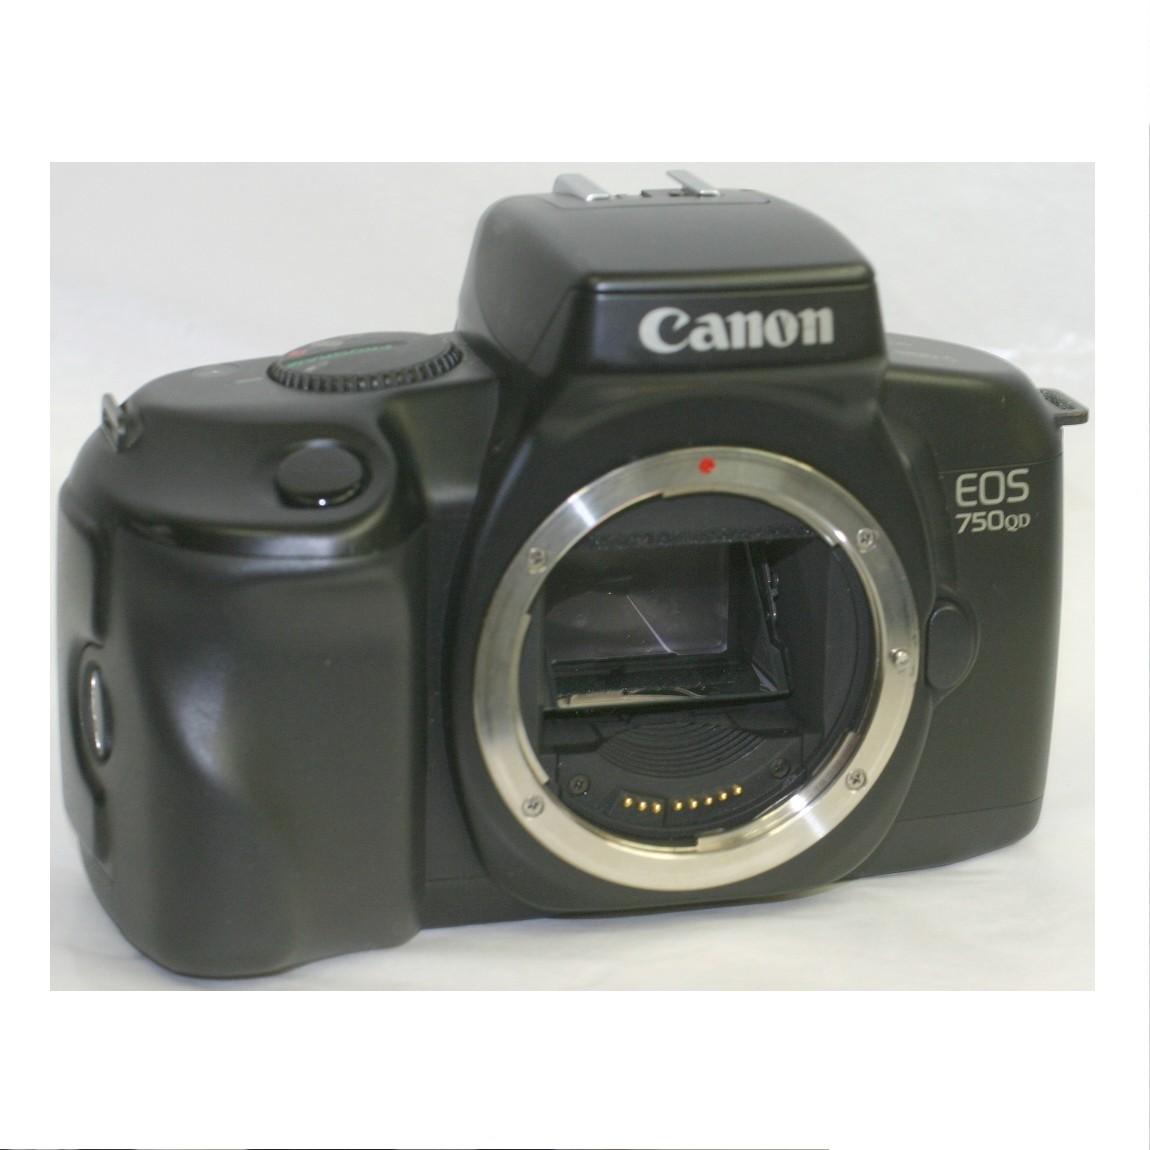 【中古】完動美品キャノンの35mmフィルム使用可能な1眼レフAFカメラEOS750QD 1ヶ月保障付 ○F14-14-3